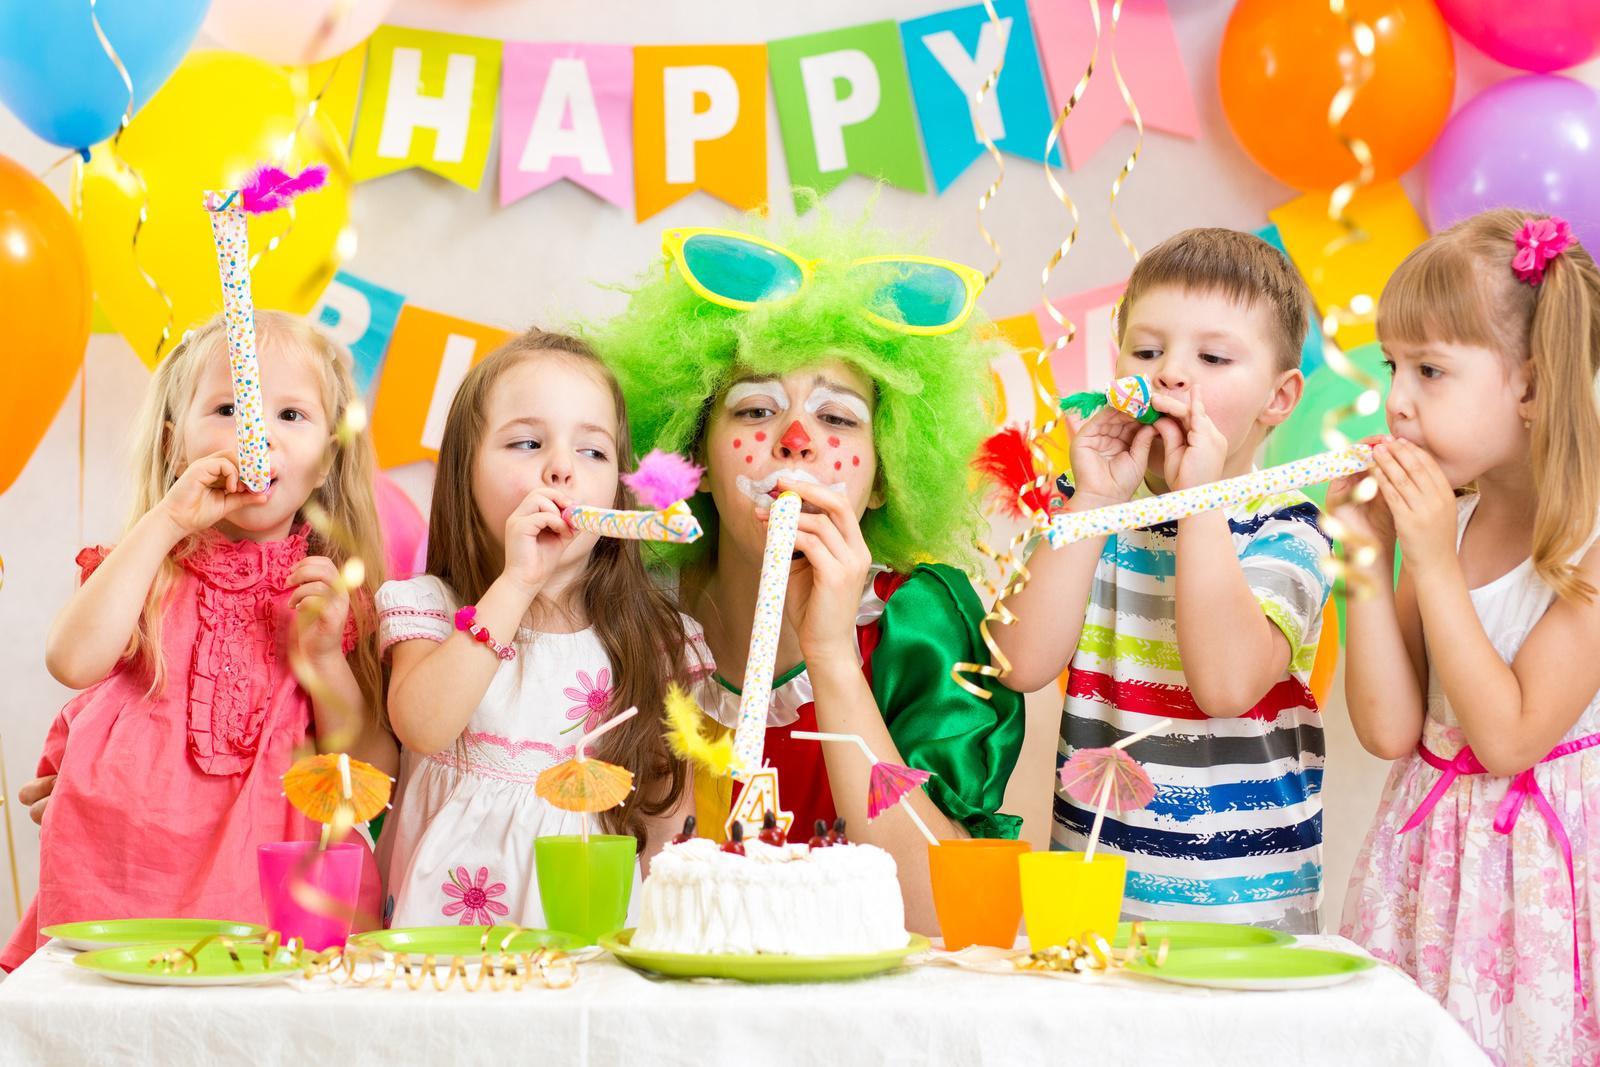 Новогодние открытки, день рождения детей картинки